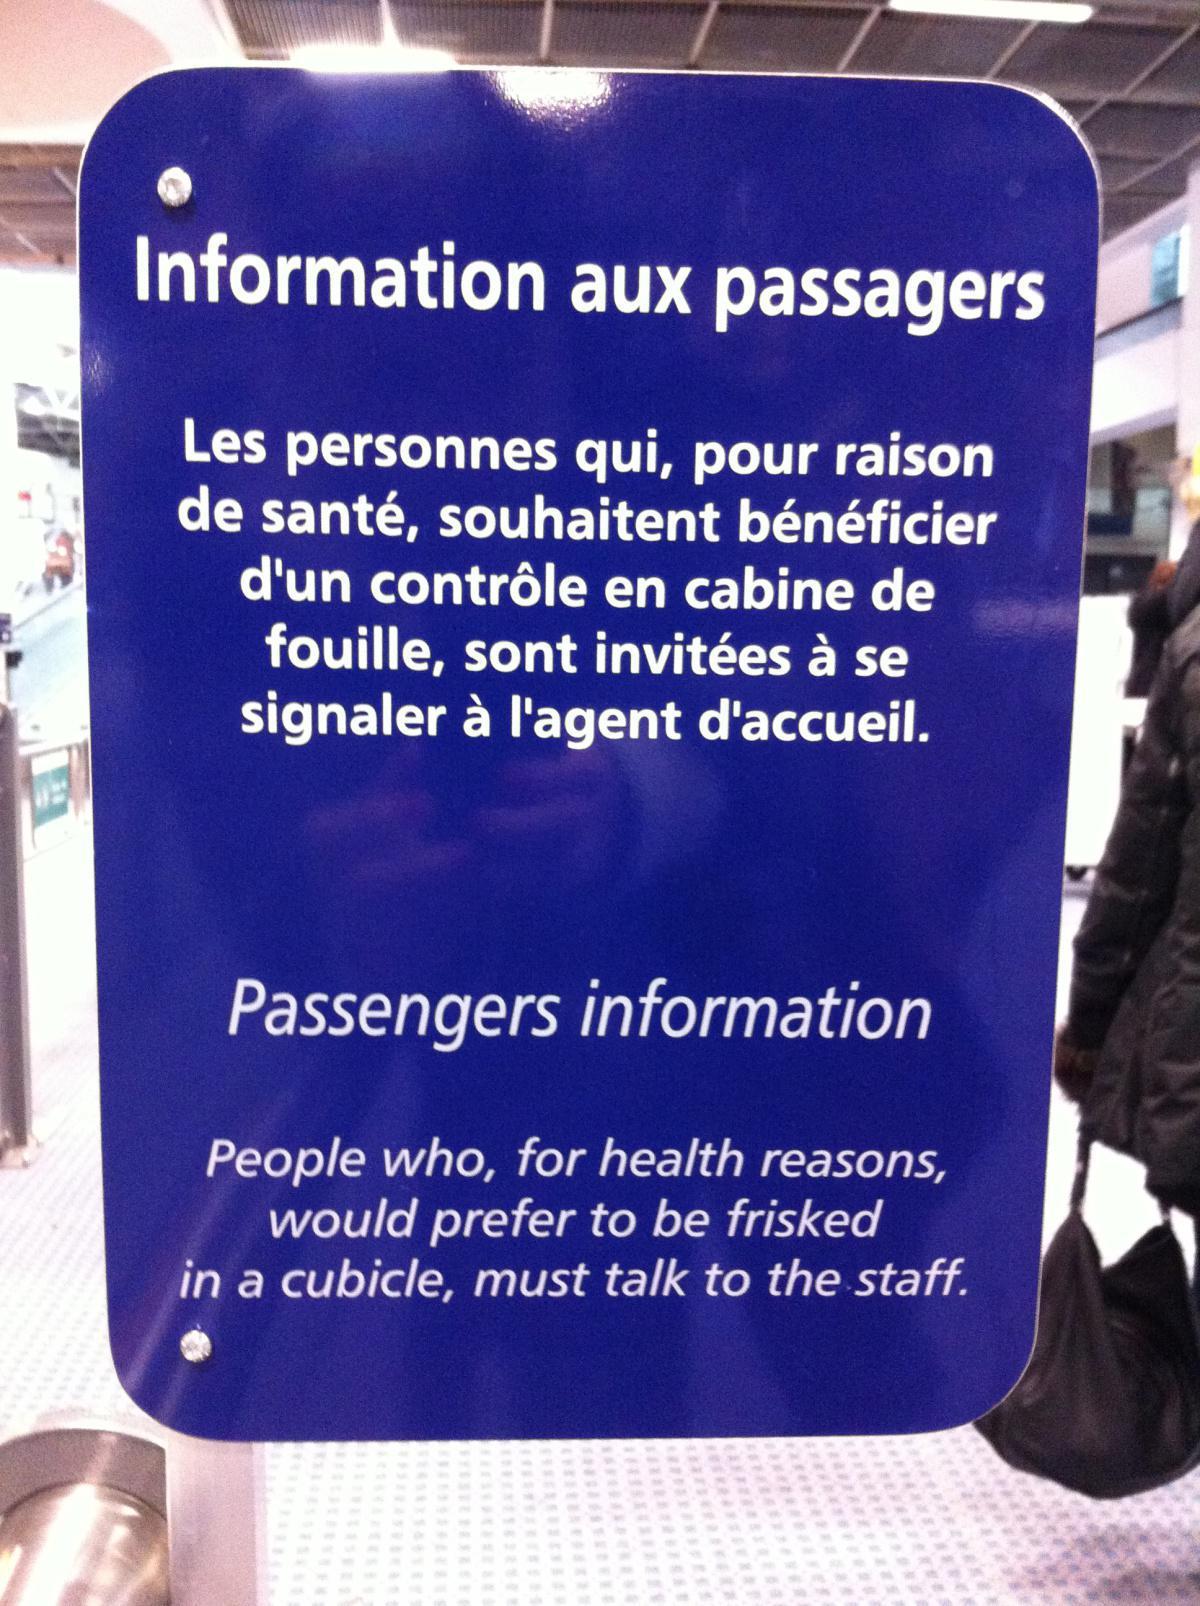 AEROPORT DE MARSEILLE : une procédure de contrôle de sécurité spécifique pour les malades